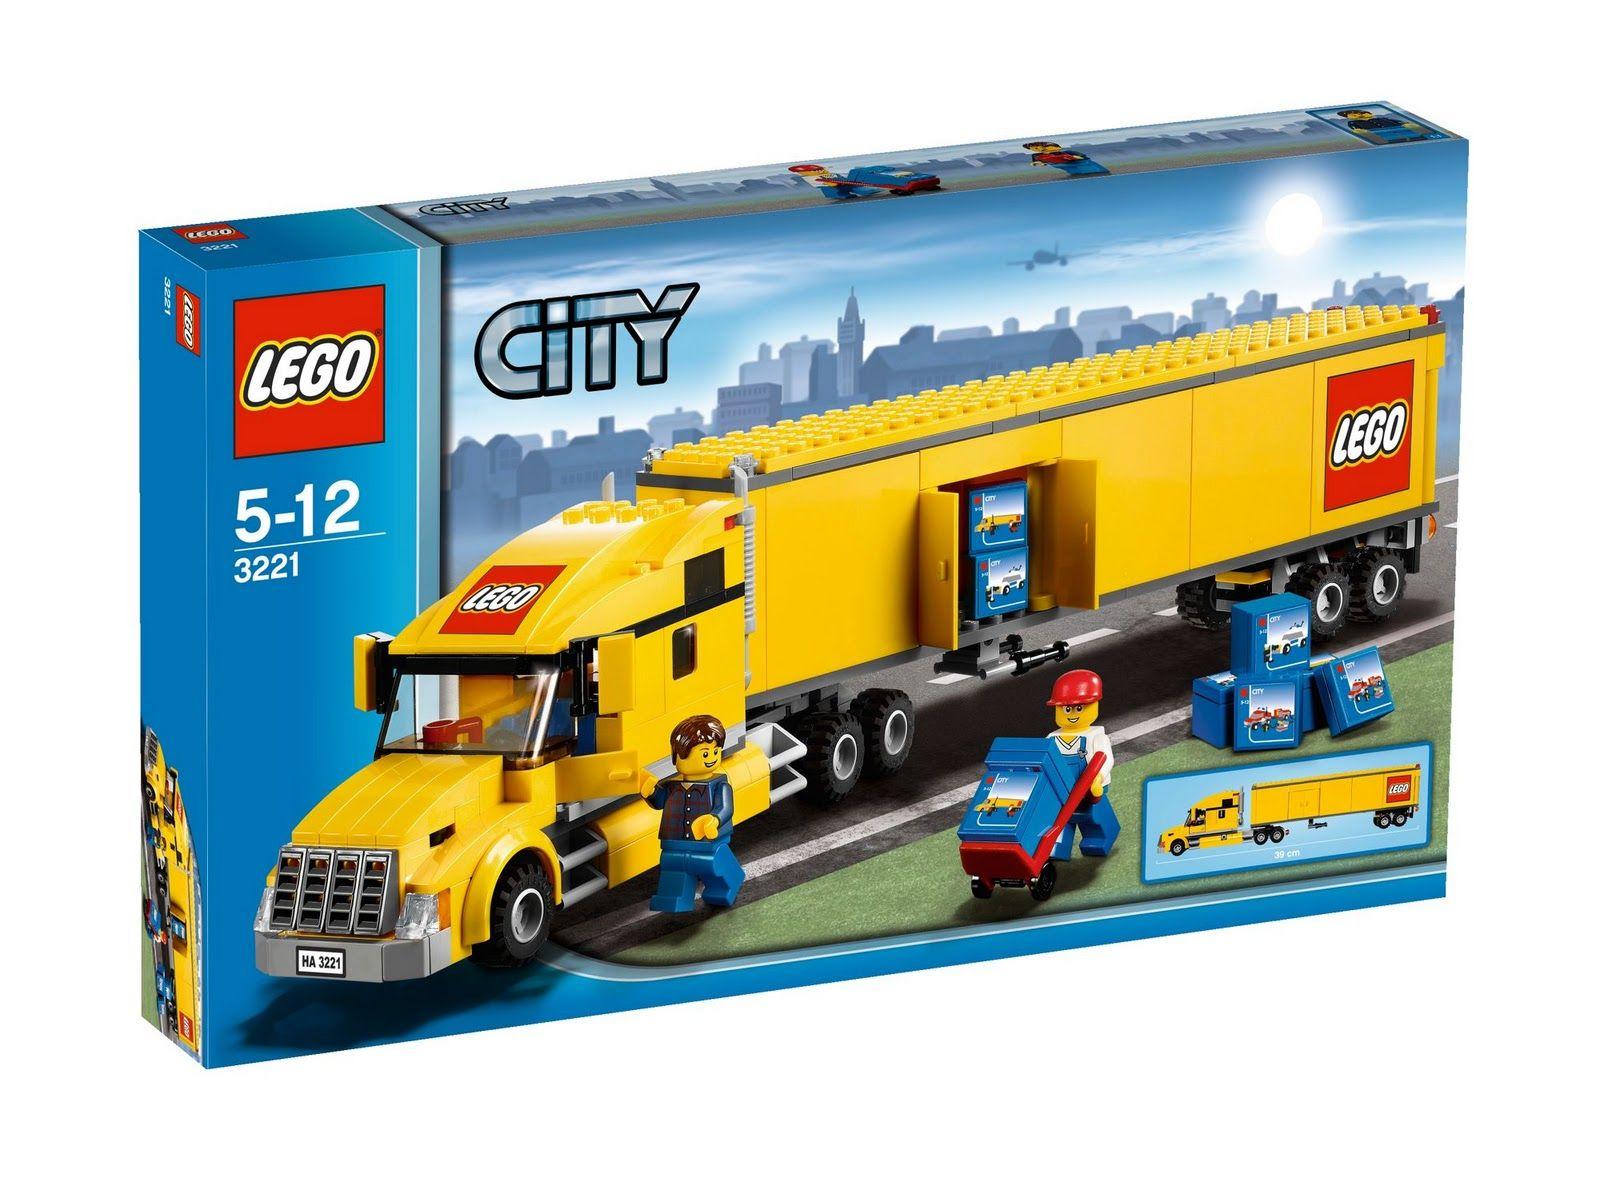 Www Onetwobrick Net Lego Set Database 3221 Lego 174 City Truck Lego Truck Lego City Lego City Sets